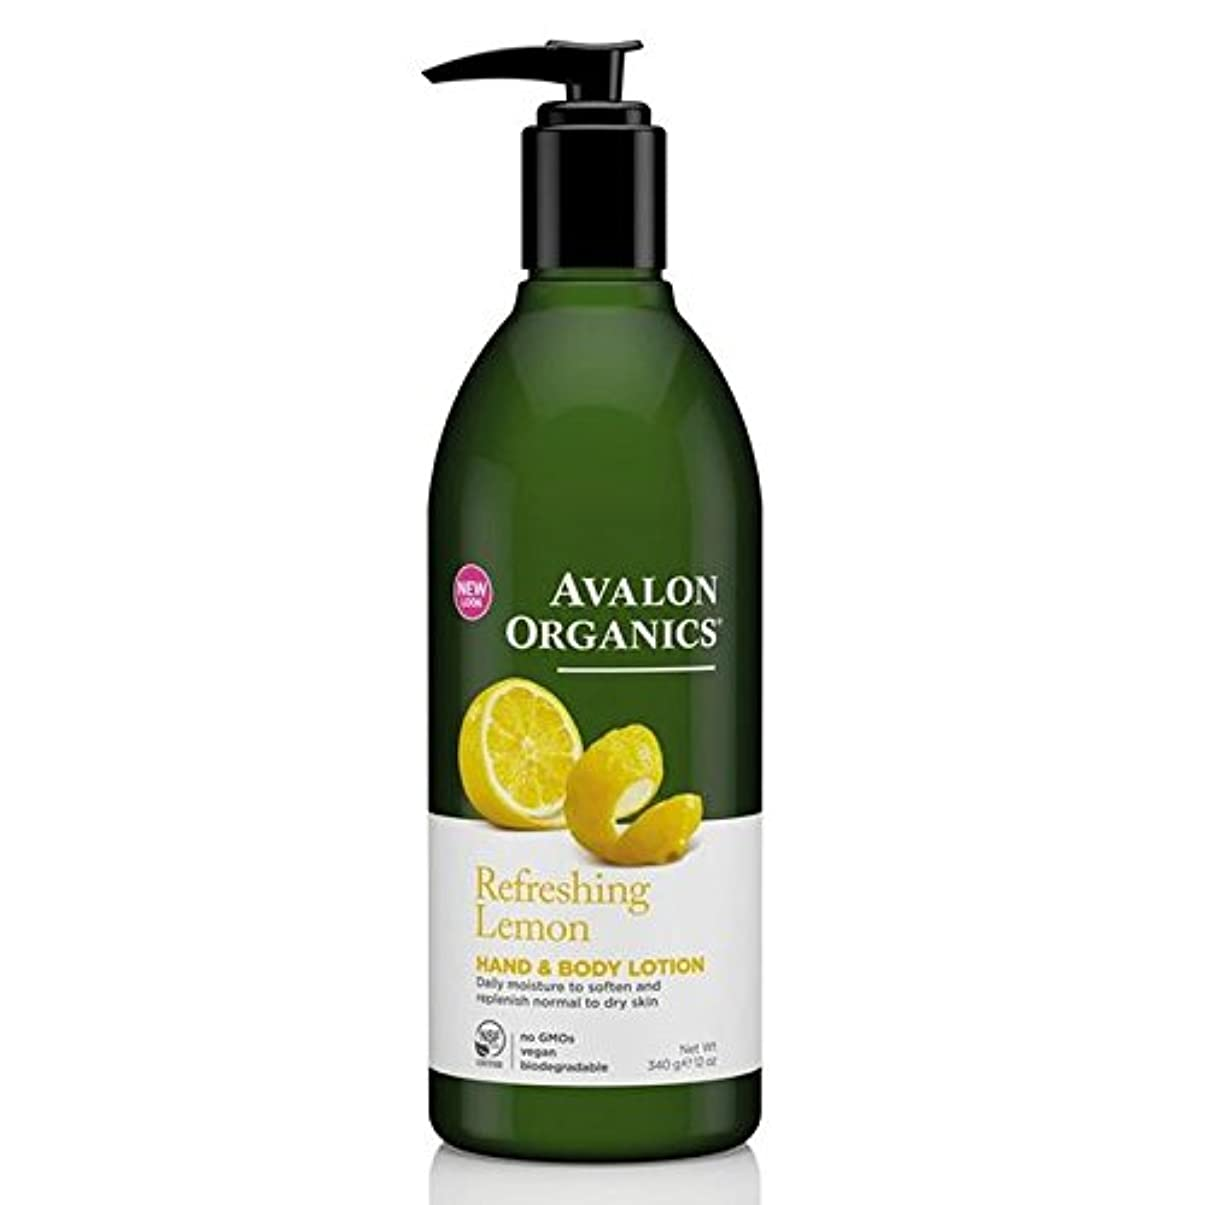 前調和たまにAvalon Organics Lemon Hand & Body Lotion 340g - (Avalon) レモンハンド&ボディローション340グラム [並行輸入品]